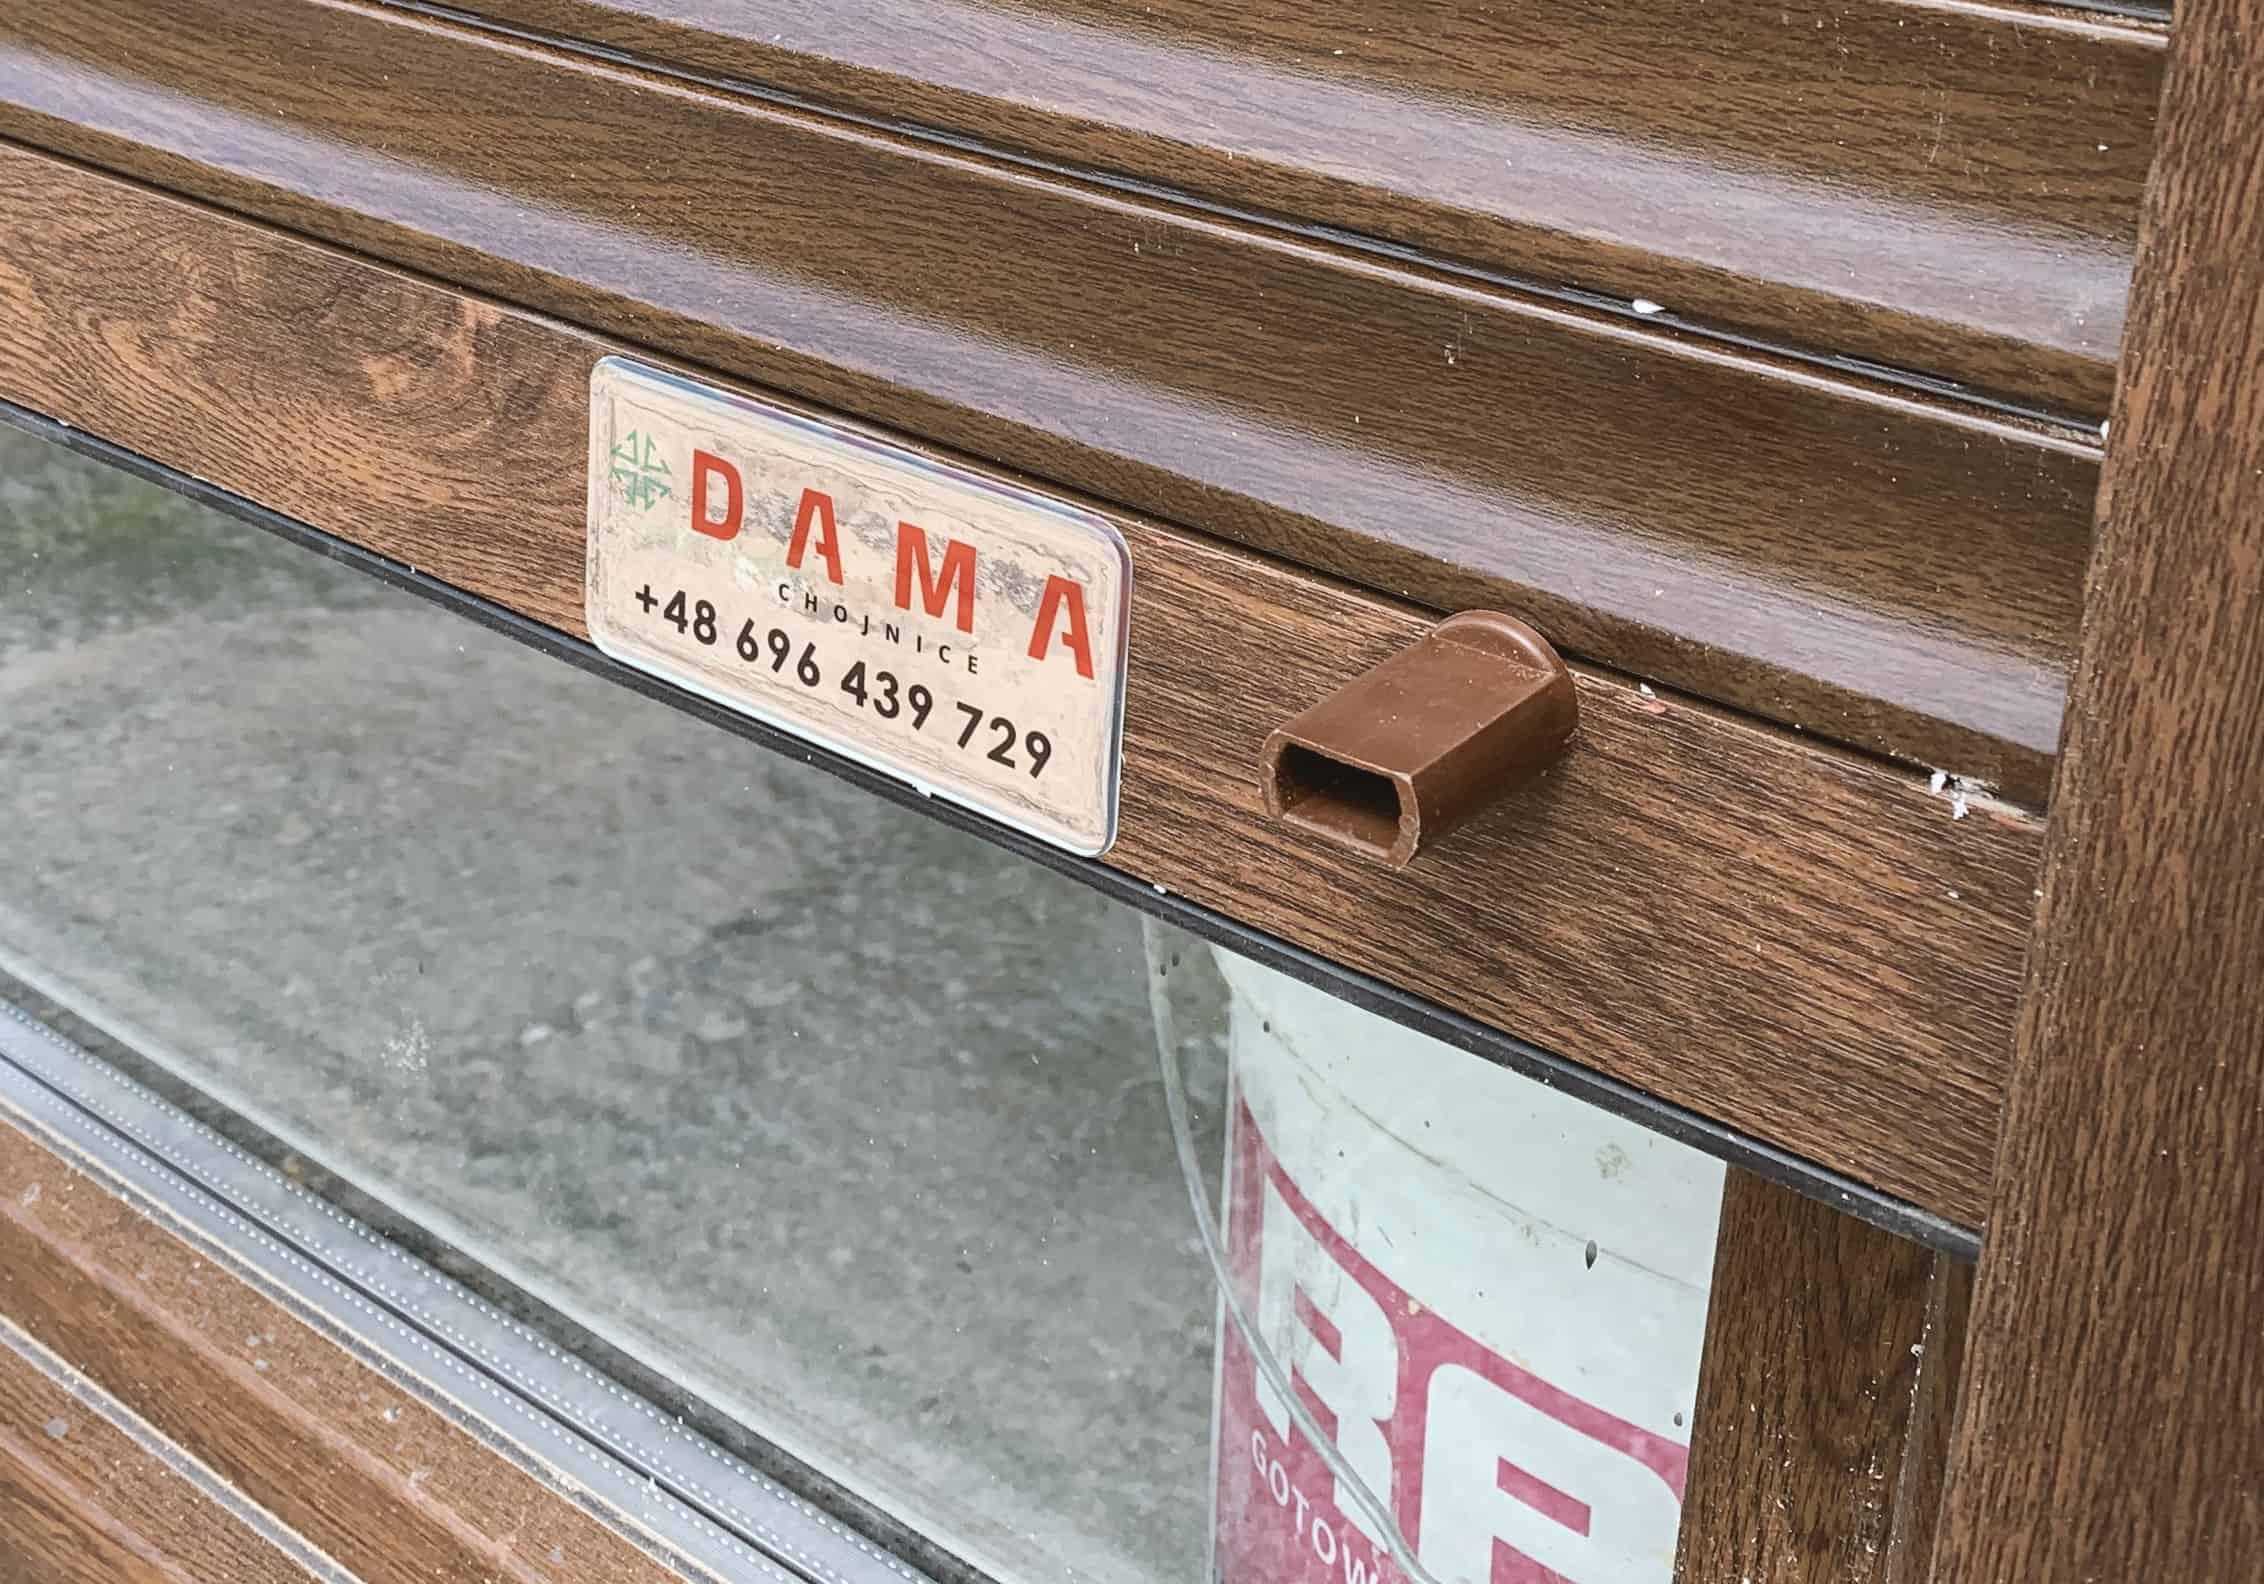 naklejki wypukłe na srebnej folii z logo DAMA Chojnice